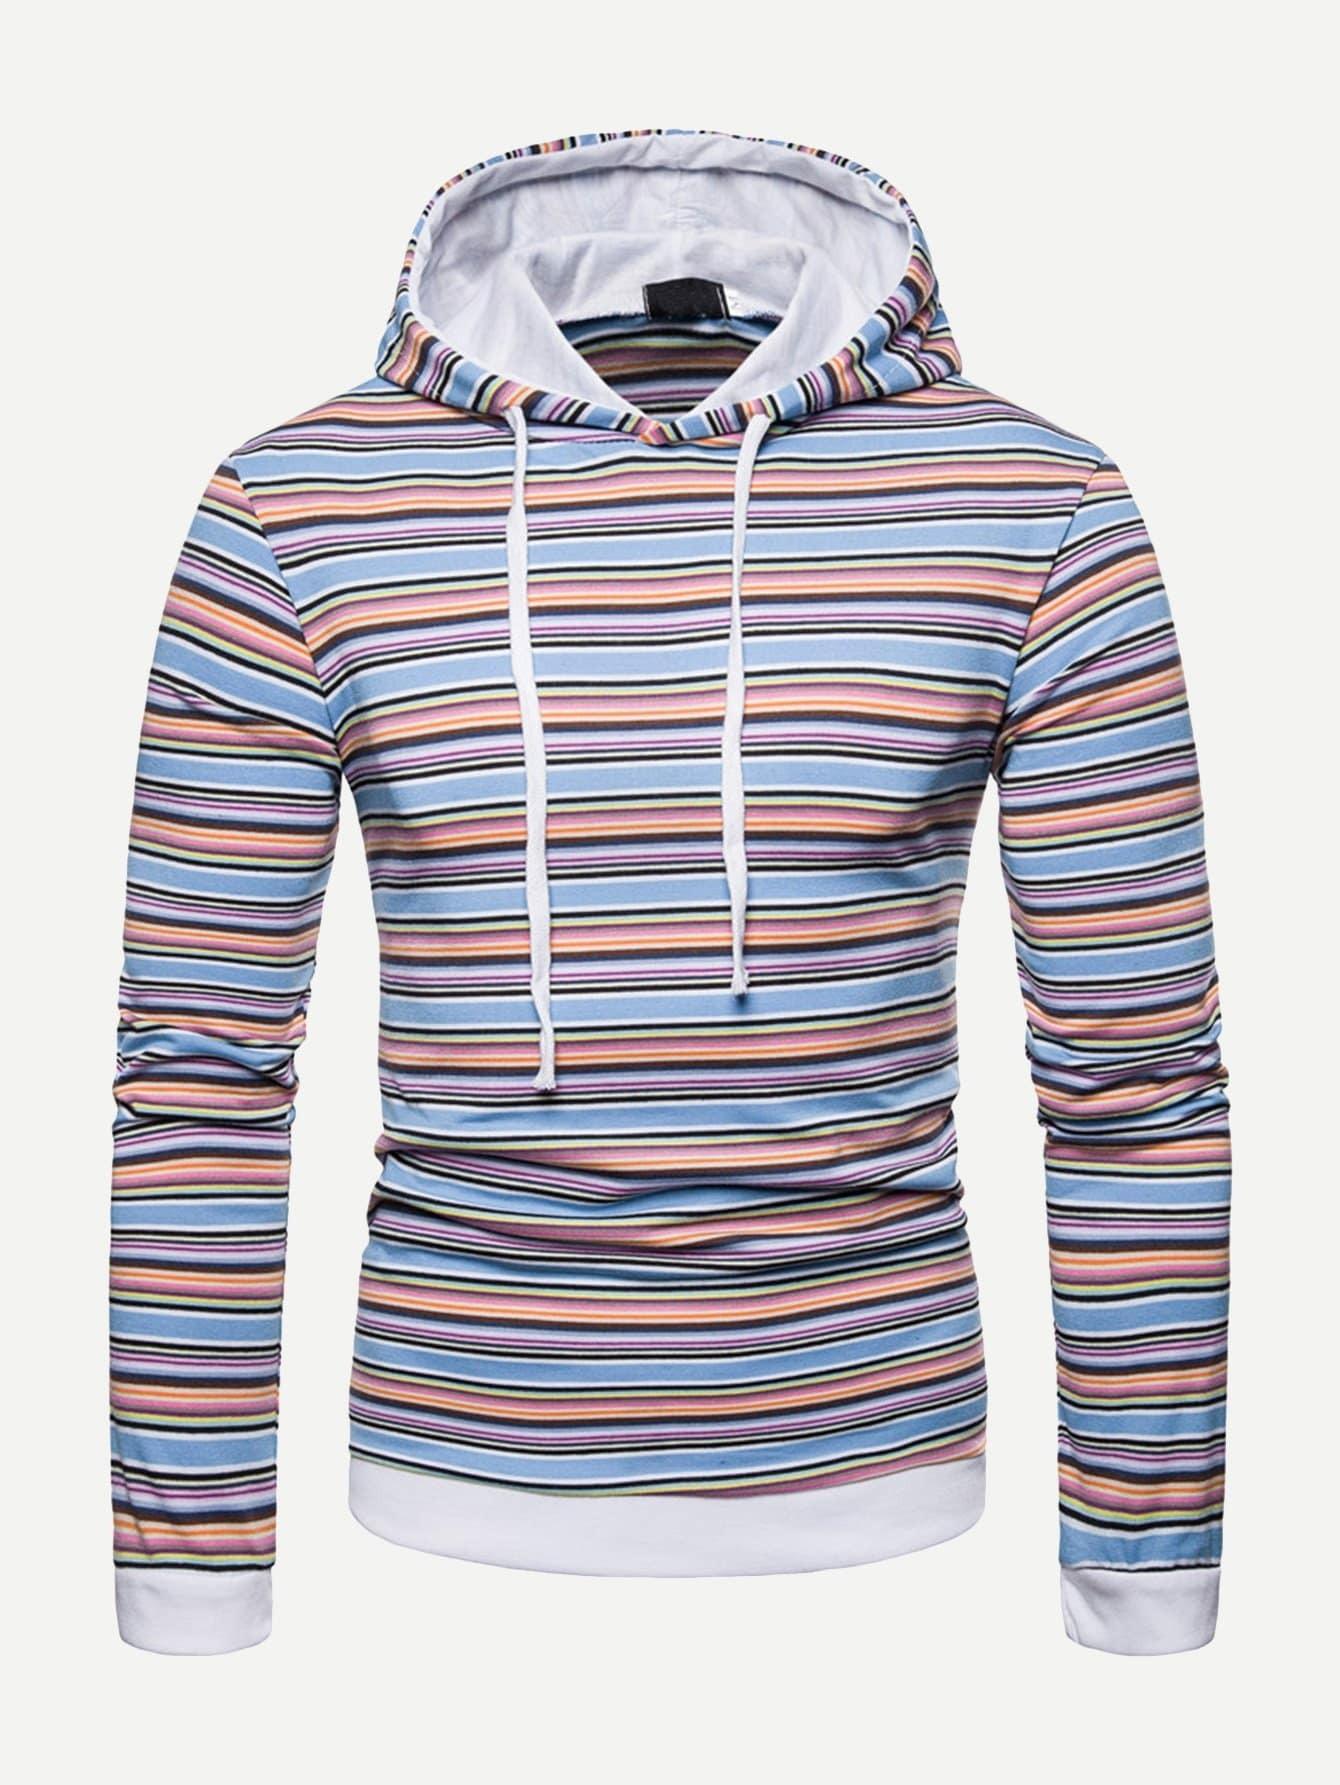 Купить Красочный полосатый свитшот с капюшоном для мужчины, null, SheIn